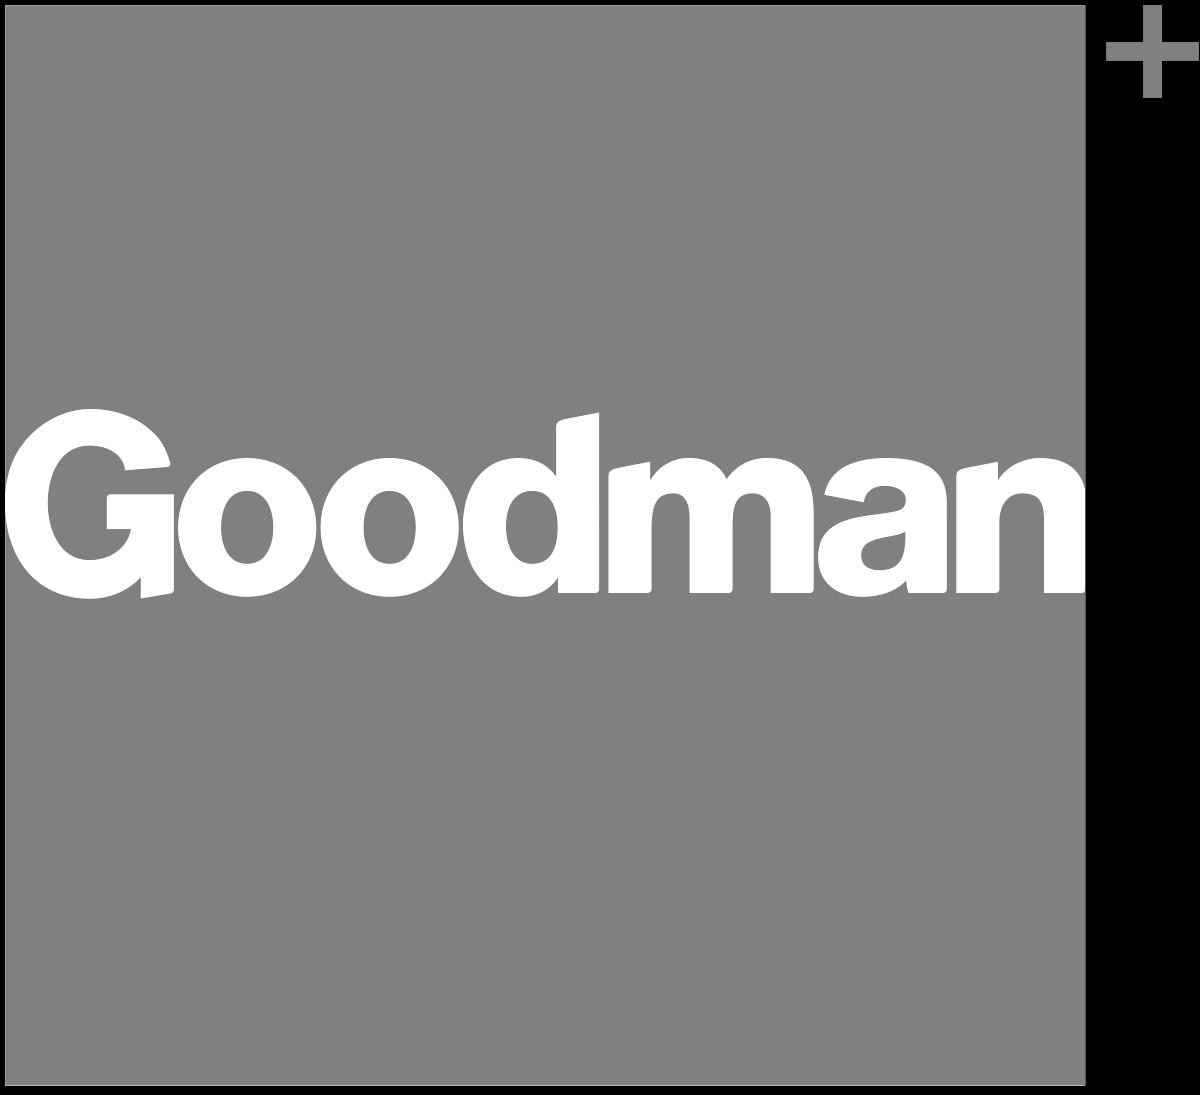 goodman moorebank